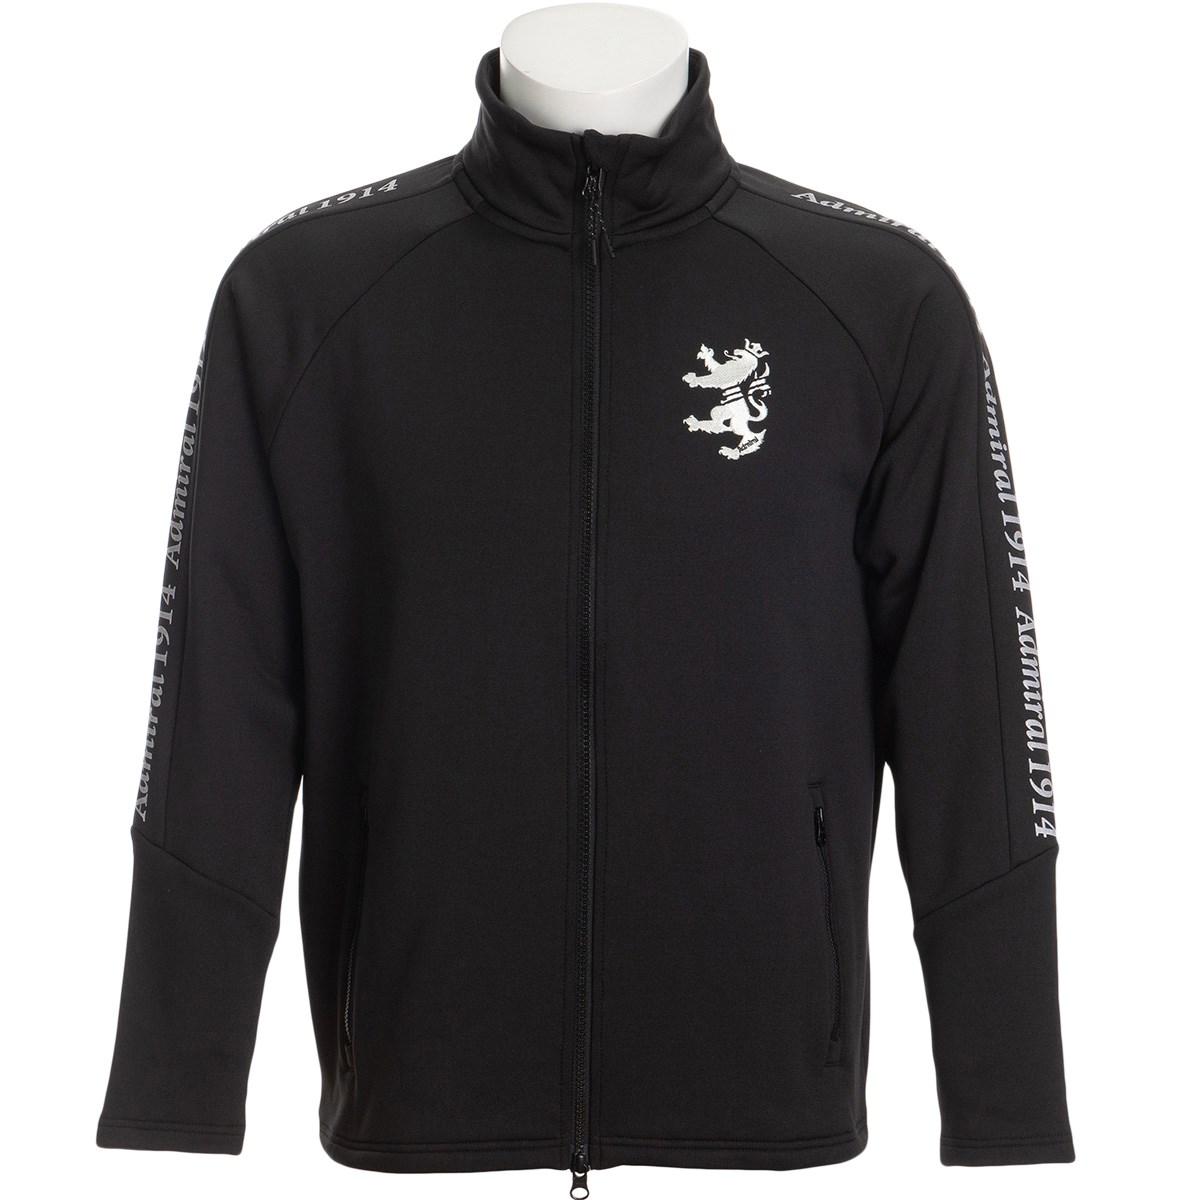 アドミラル ロゴ ストレッチフリースジャケット